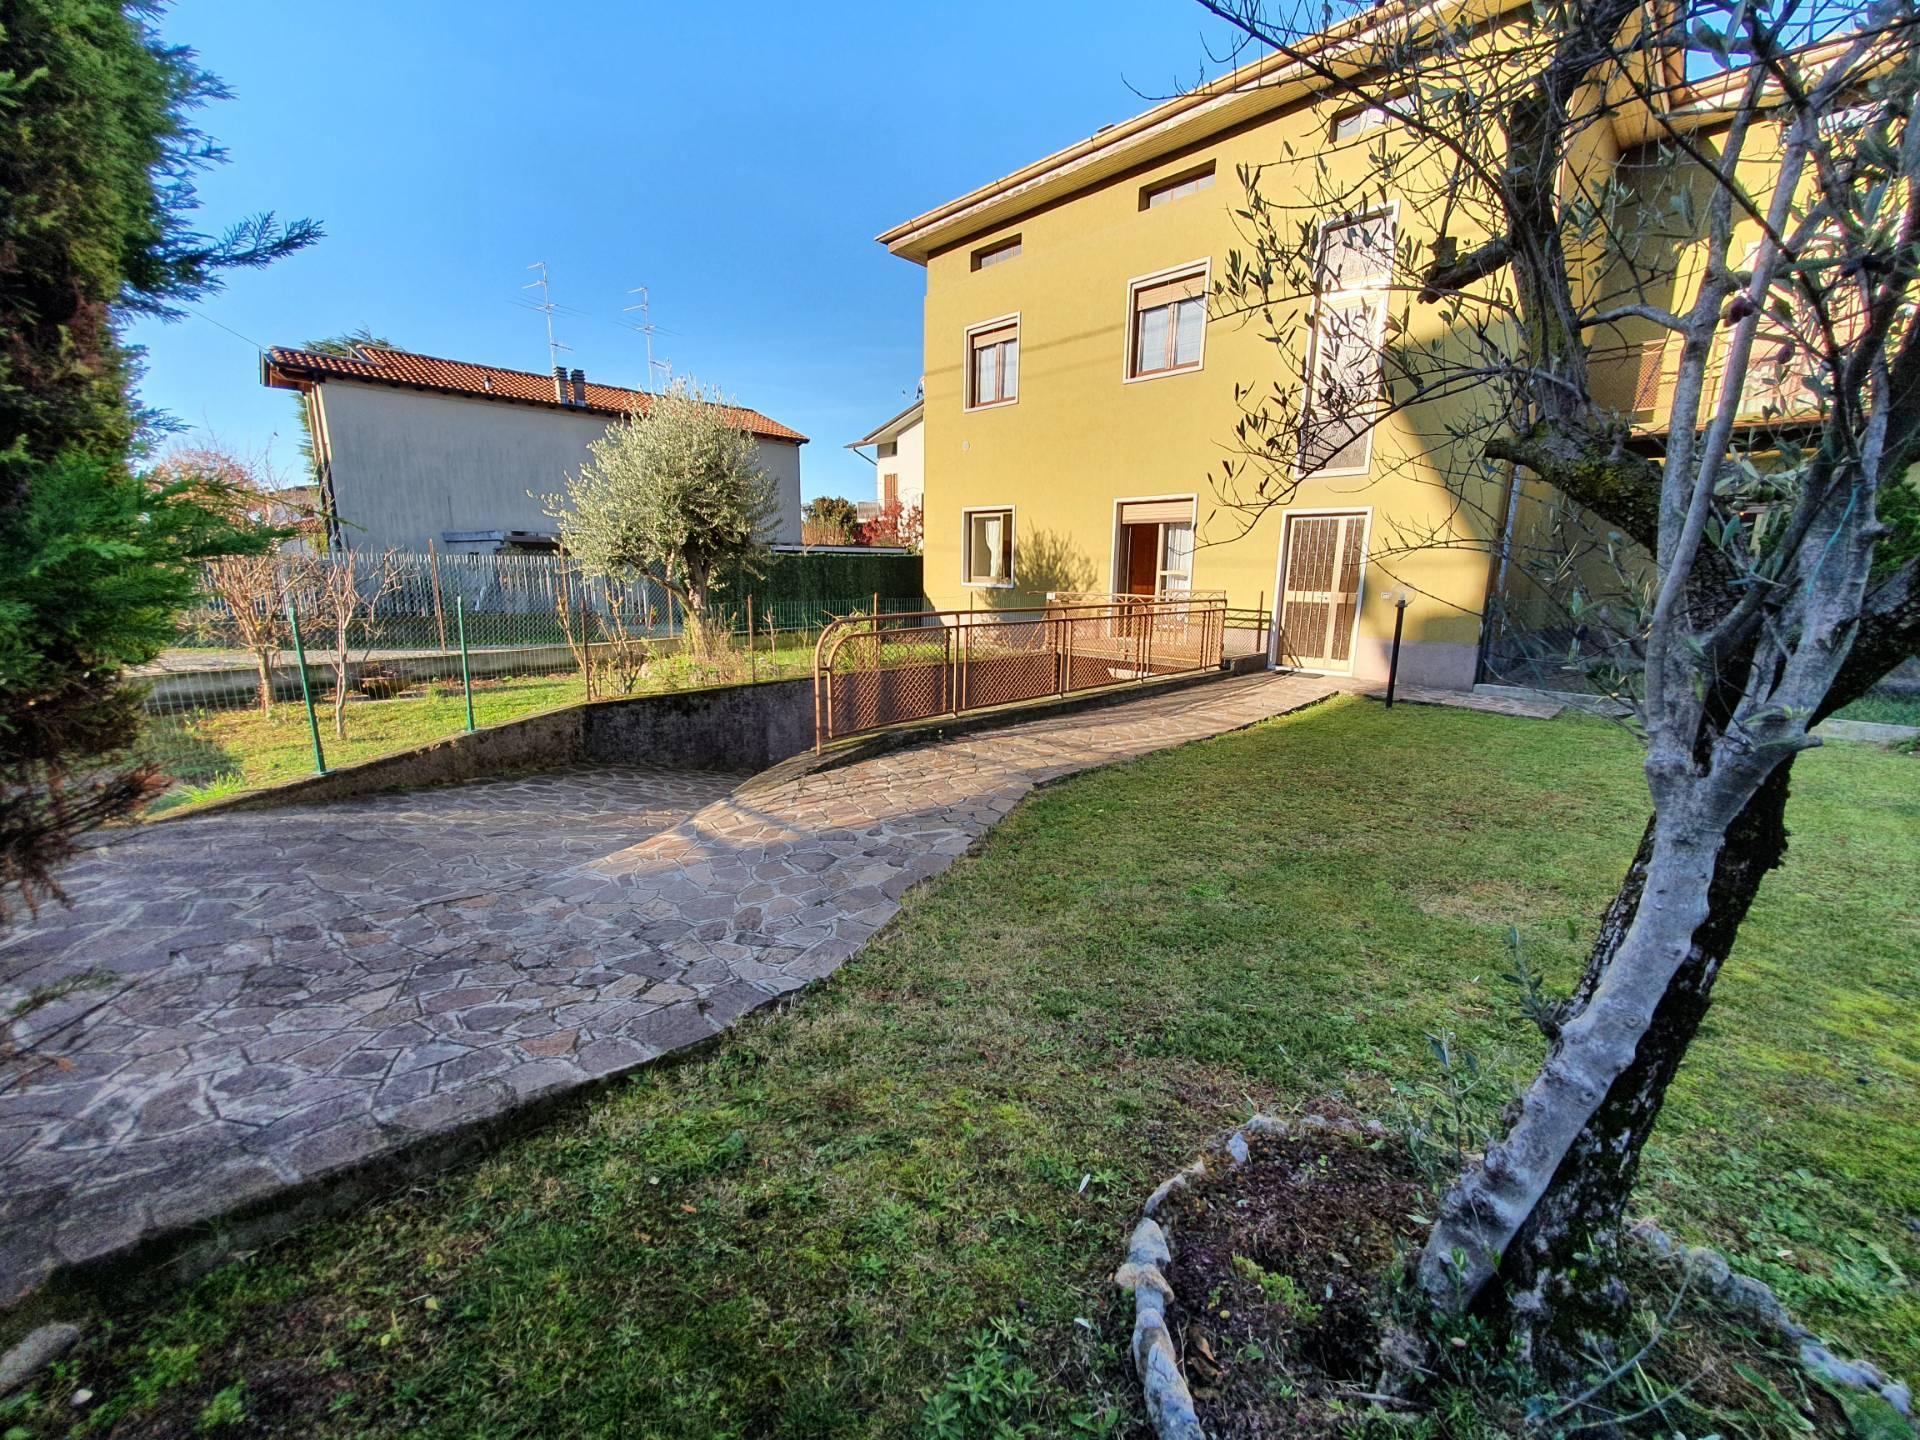 Villa Bifamiliare in vendita a Villa di Serio, 4 locali, prezzo € 130.000 | PortaleAgenzieImmobiliari.it